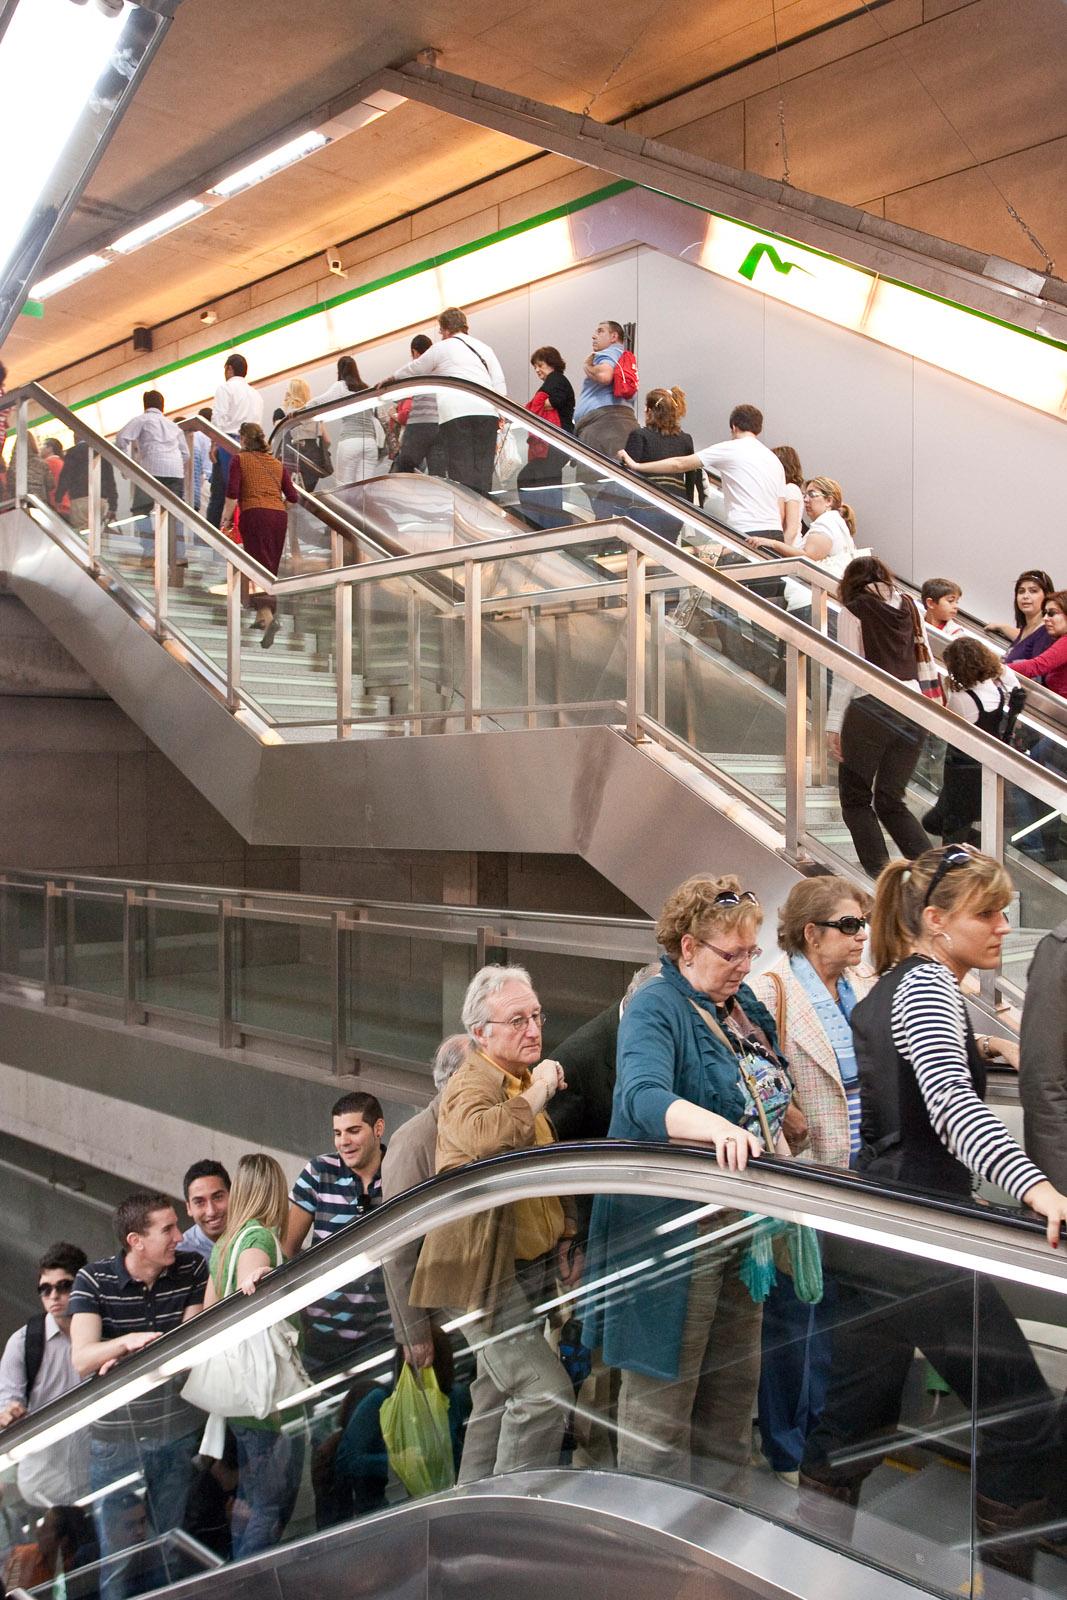 El promedio de pasajeros en días laborables supera los 50.000 usuarios